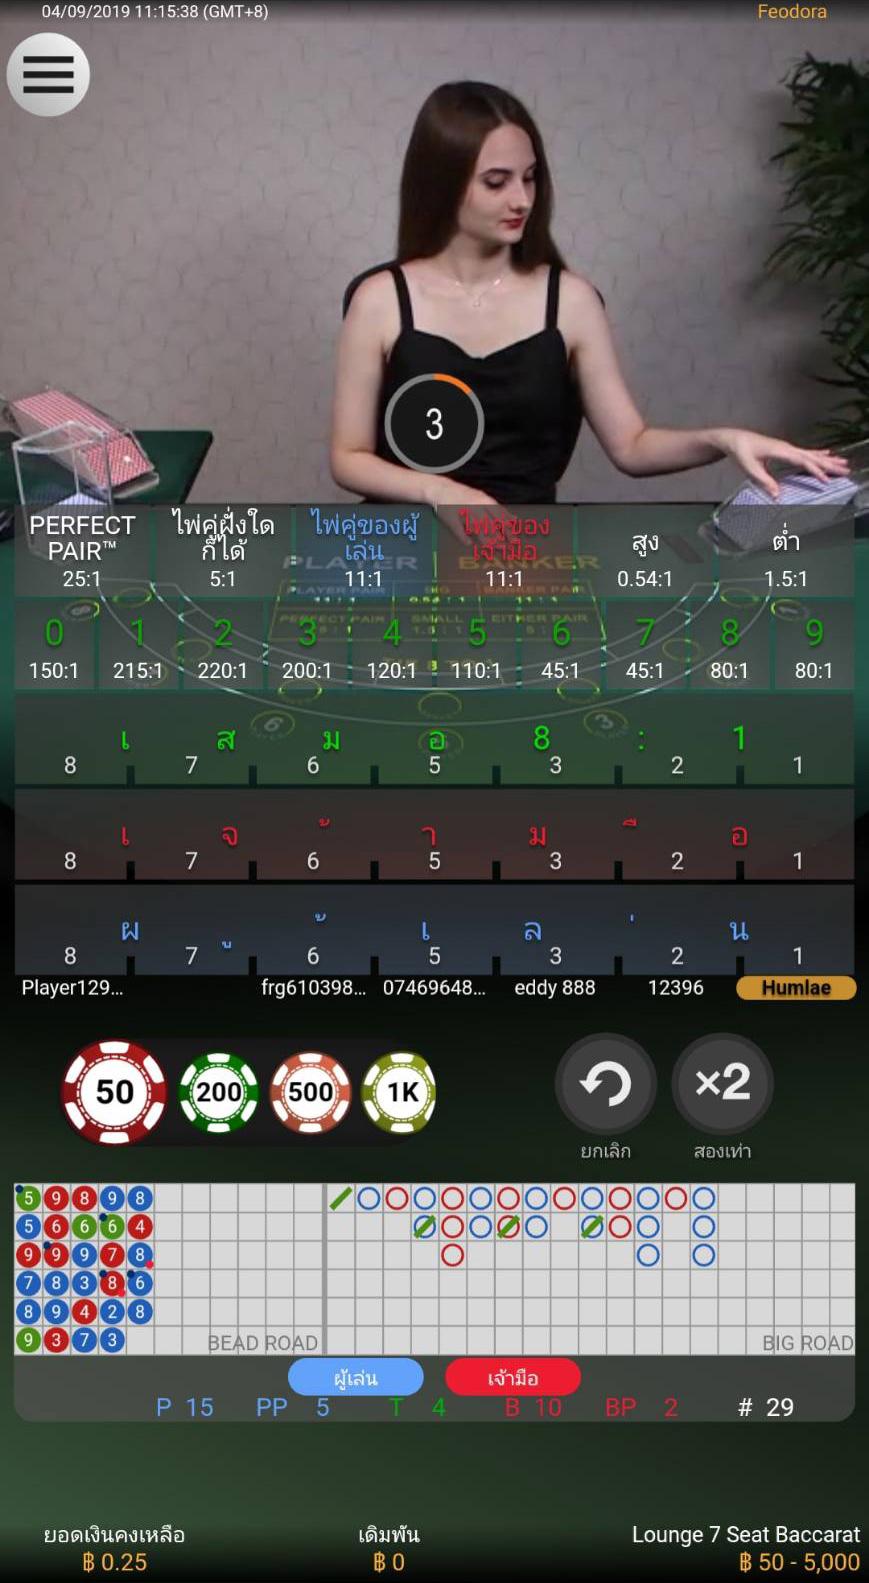 วิธีเล่น PLAYTECH ใน มือถือ ขั้นตอนที่6